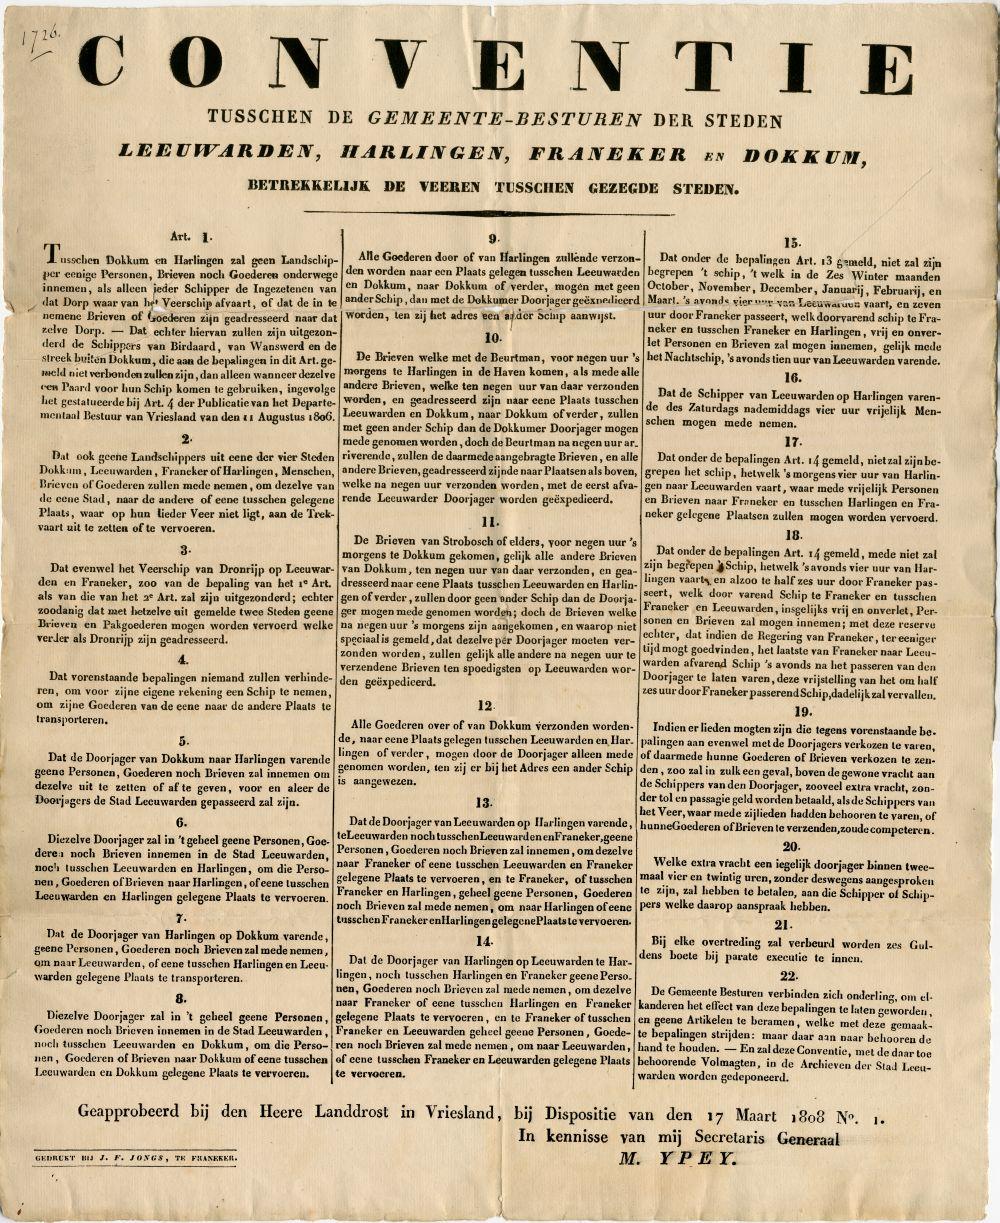 Document van een conventie tussen gemeentebesturen